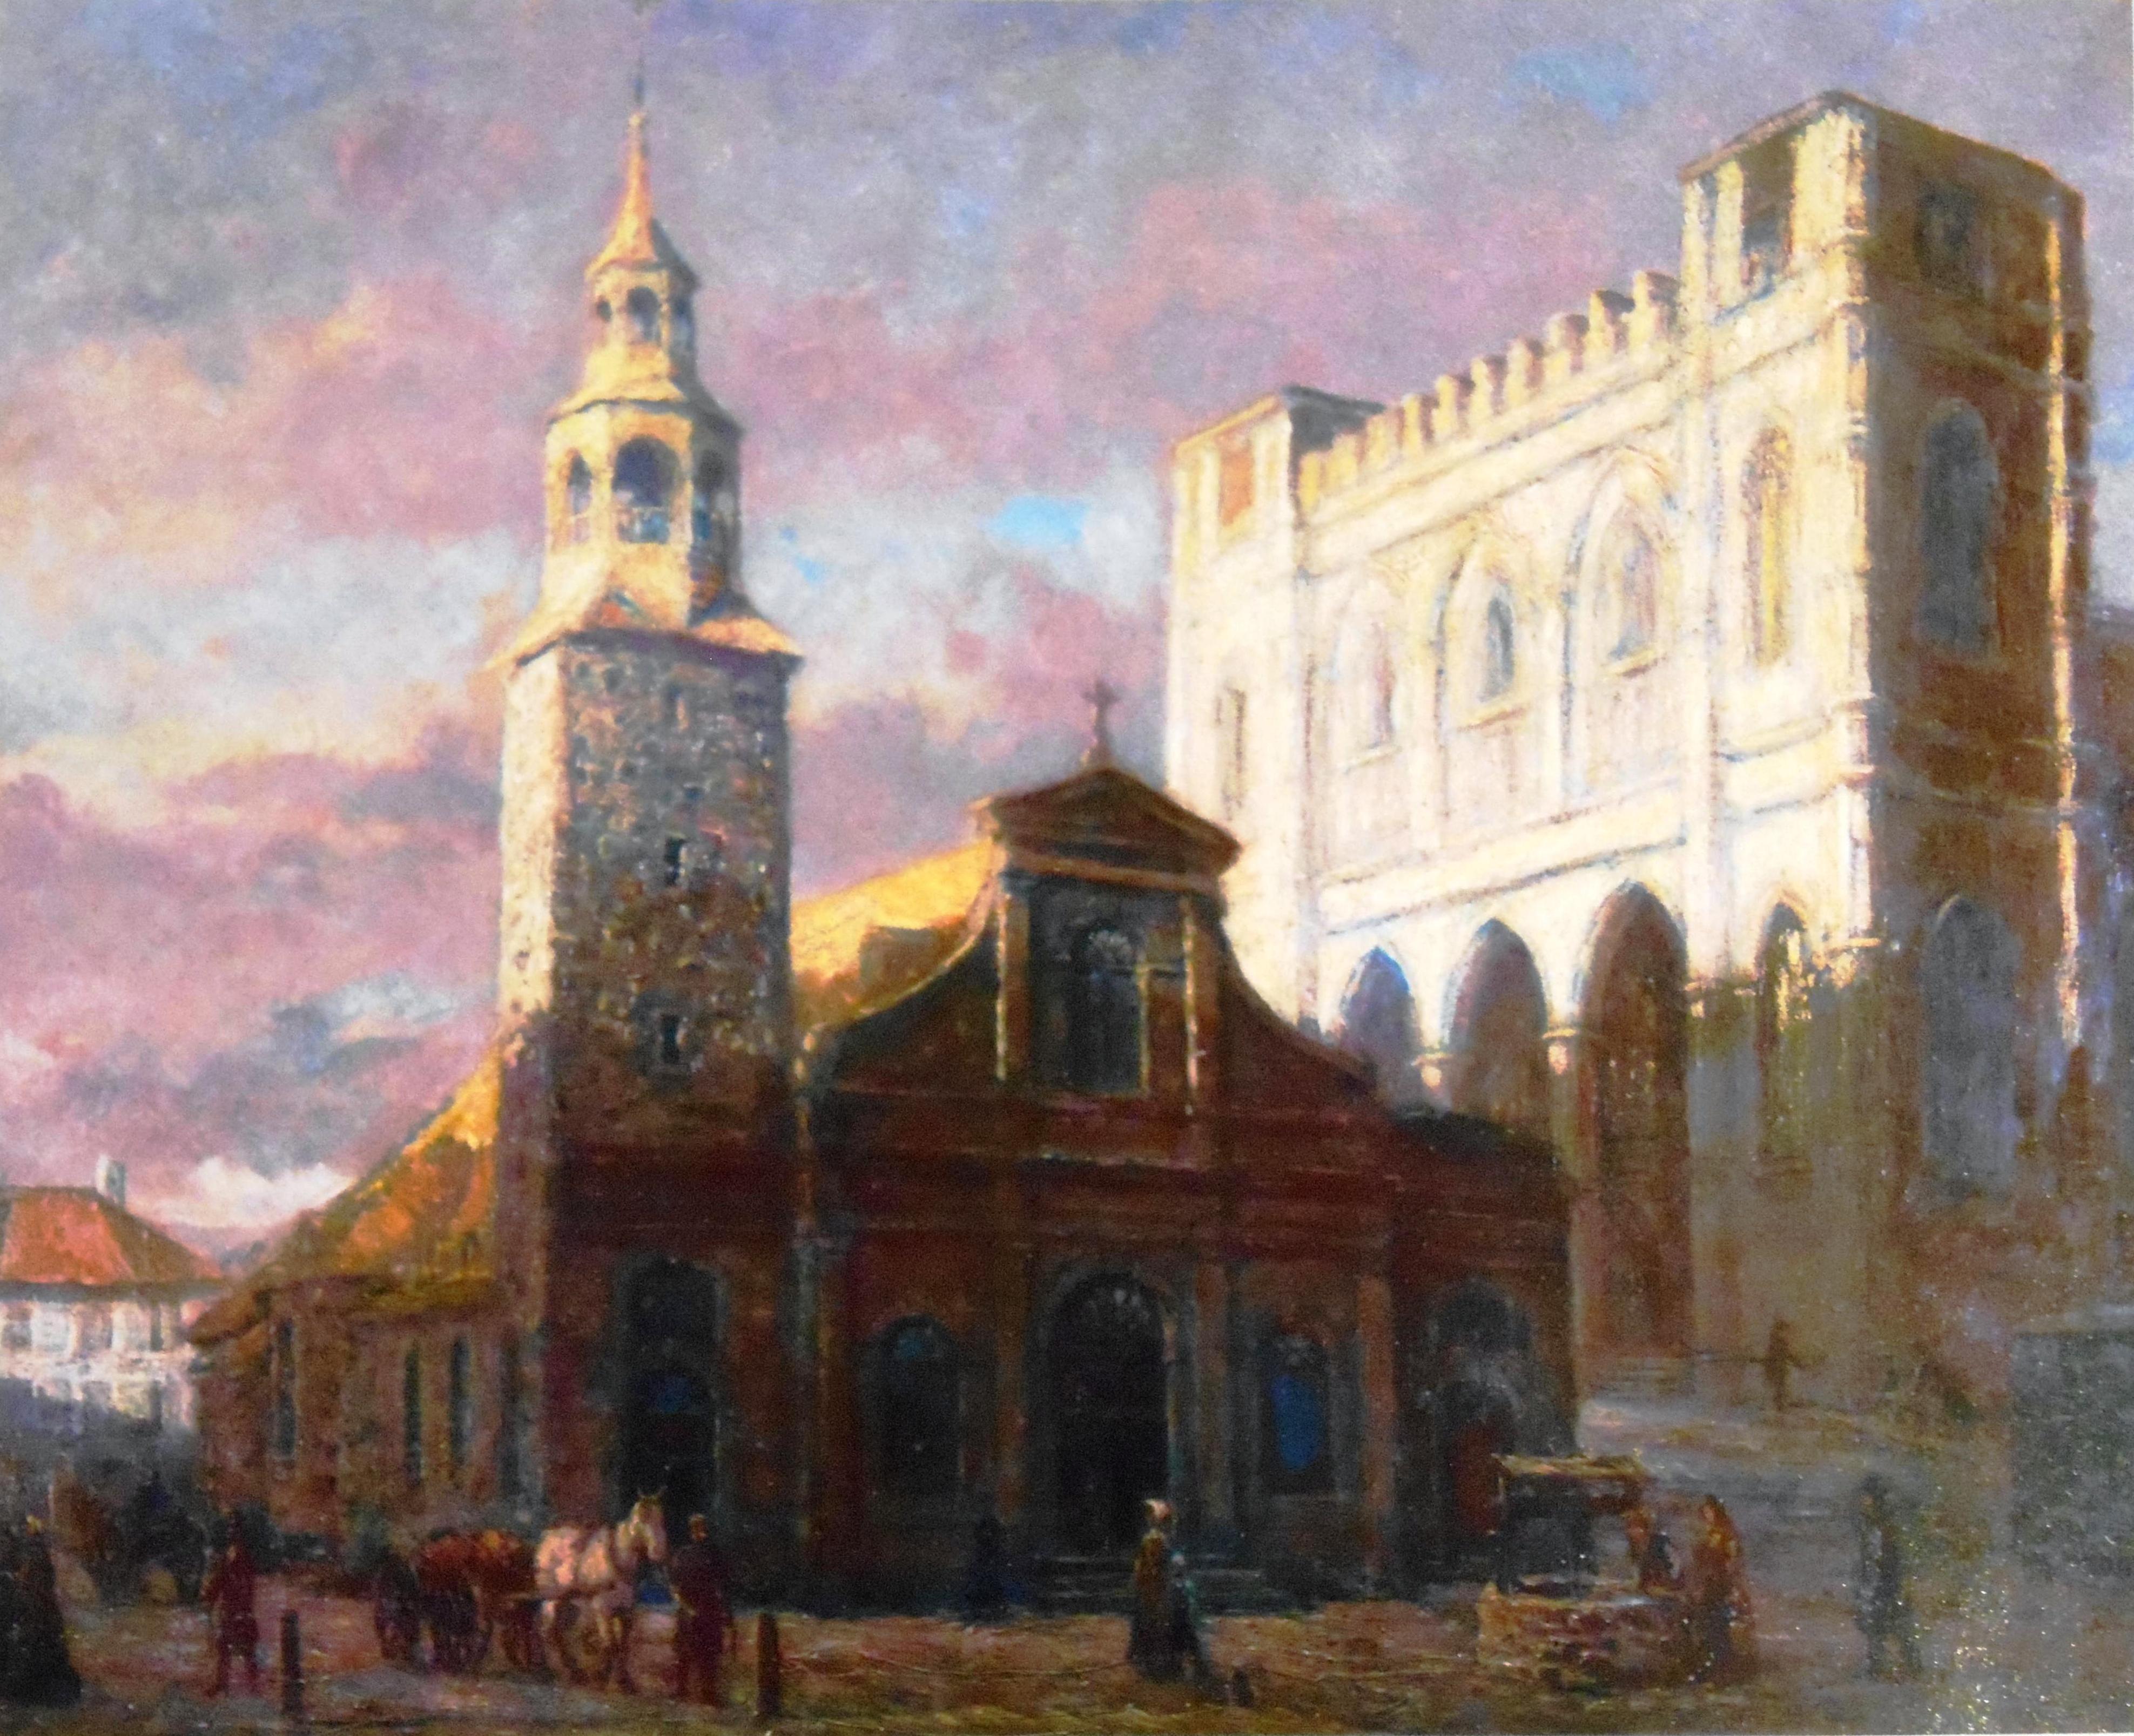 Les deux églises Notre-Dame, 1830 Georges Delfosse, n.d. Source : Wiki commons